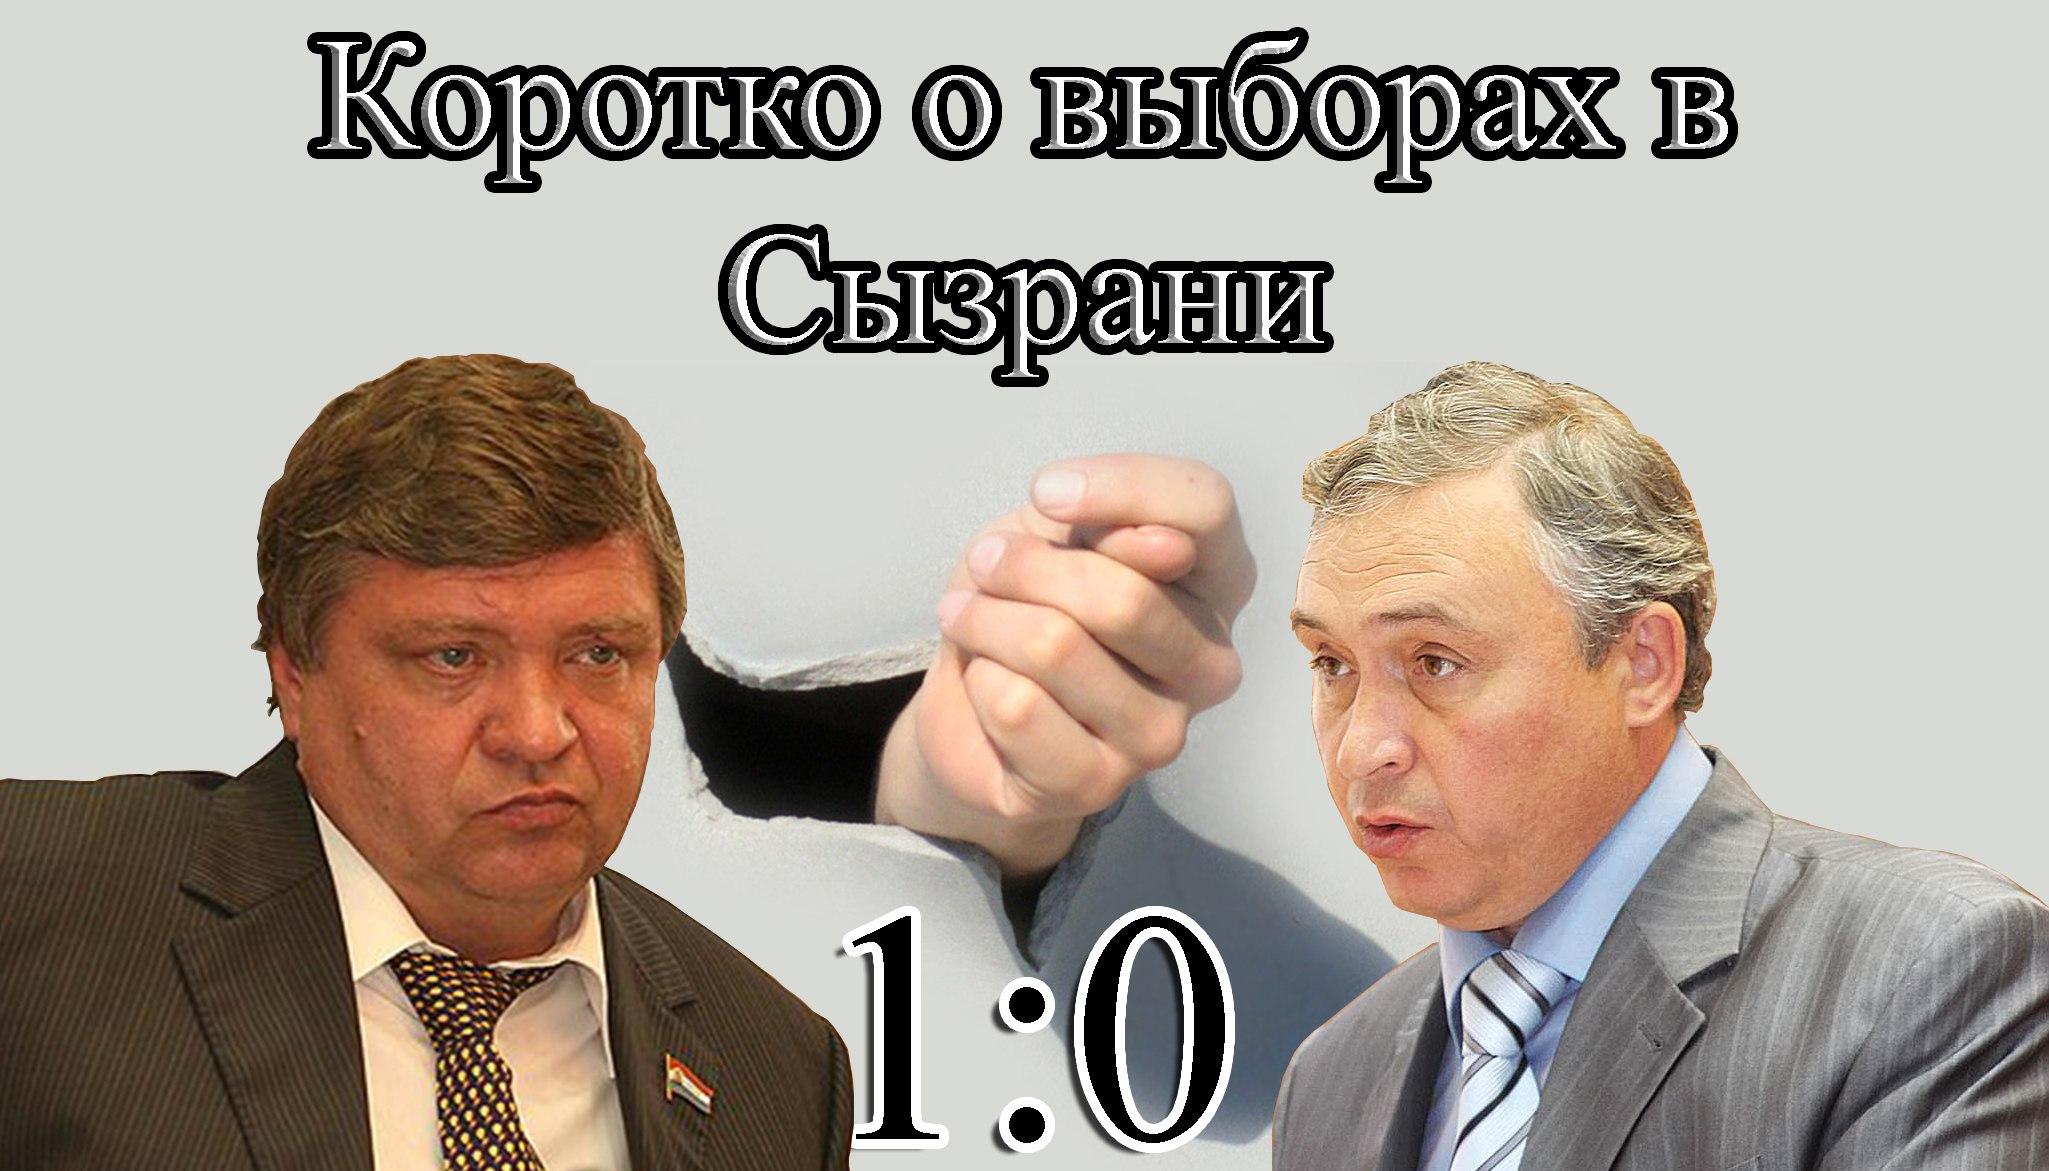 Сызрань Результаты выборов 2016